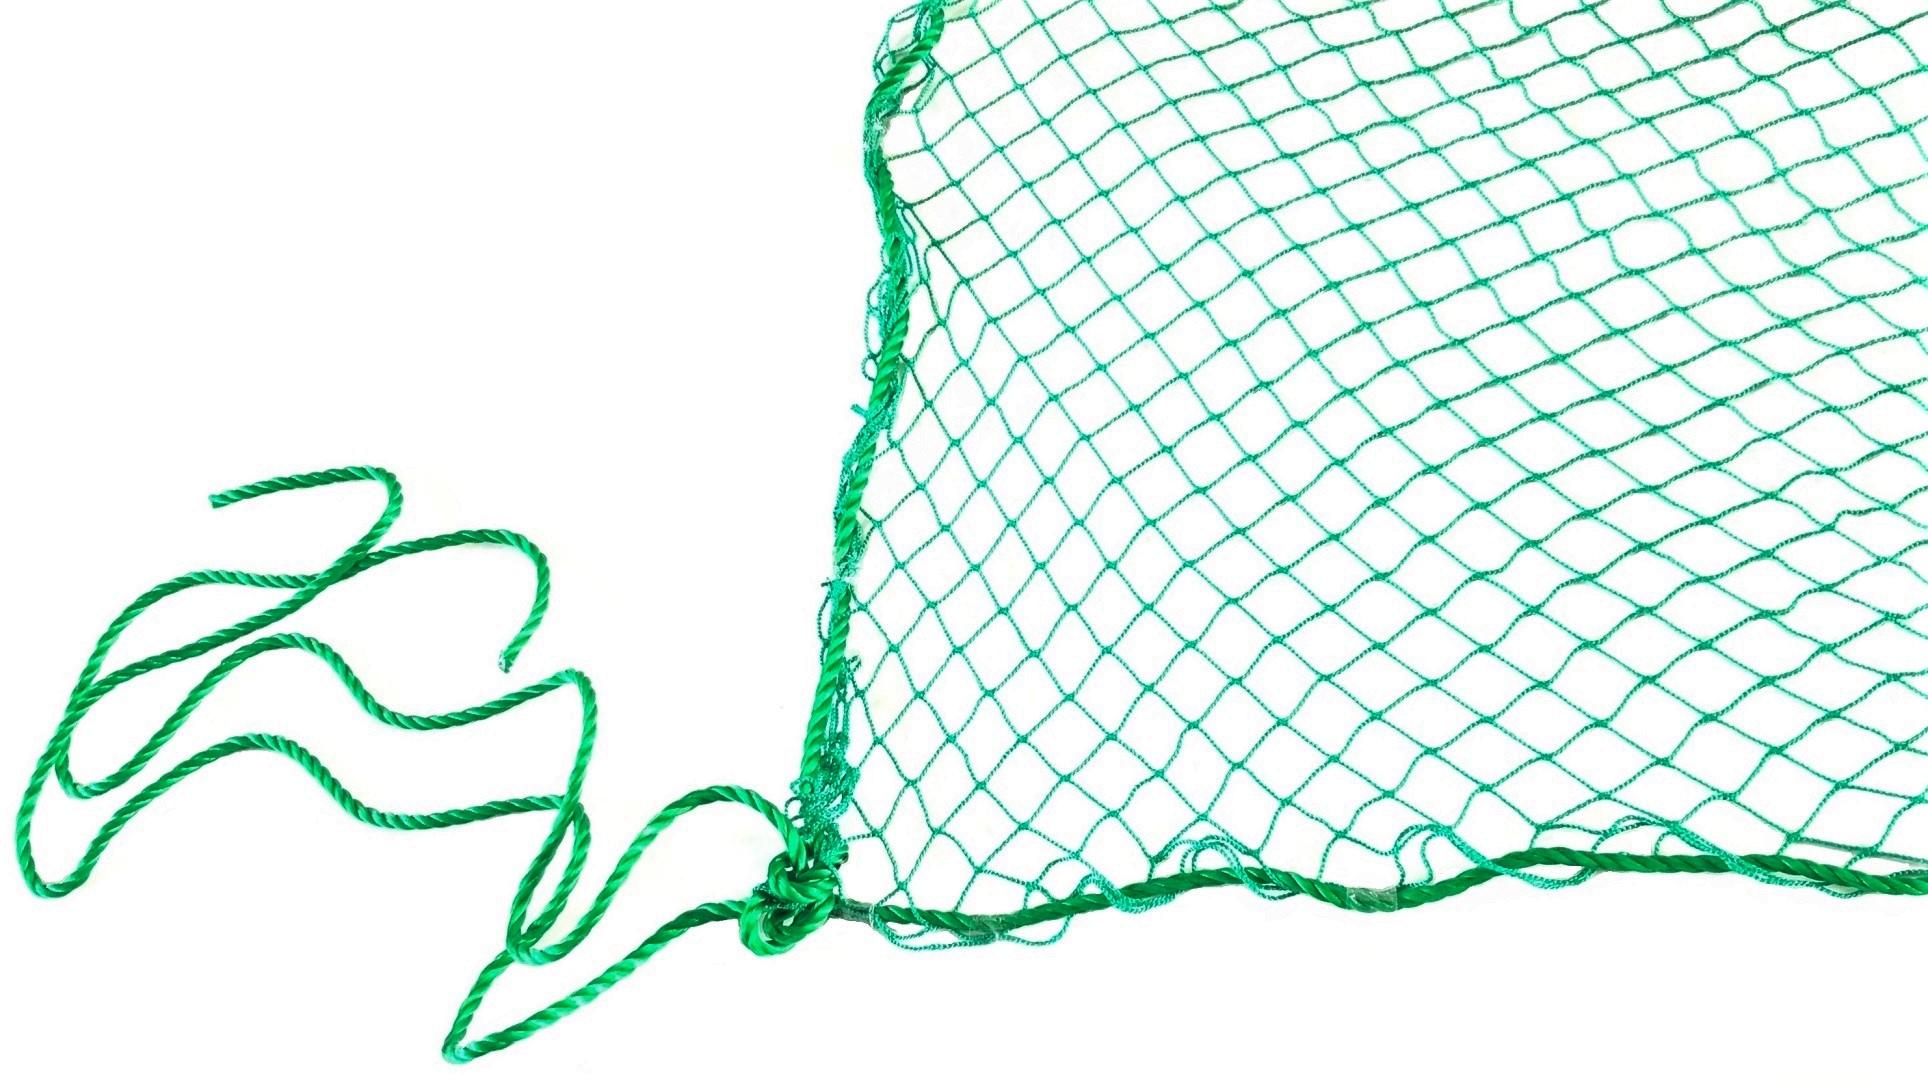 激安 激安特価 送料無料 ガーデニング用ネット建築養生ネット本州四国九州は送料無料 園芸ネット 2m×3m 25mm目 防鳥ネット グリーンネット 養生ネット 大放出セール